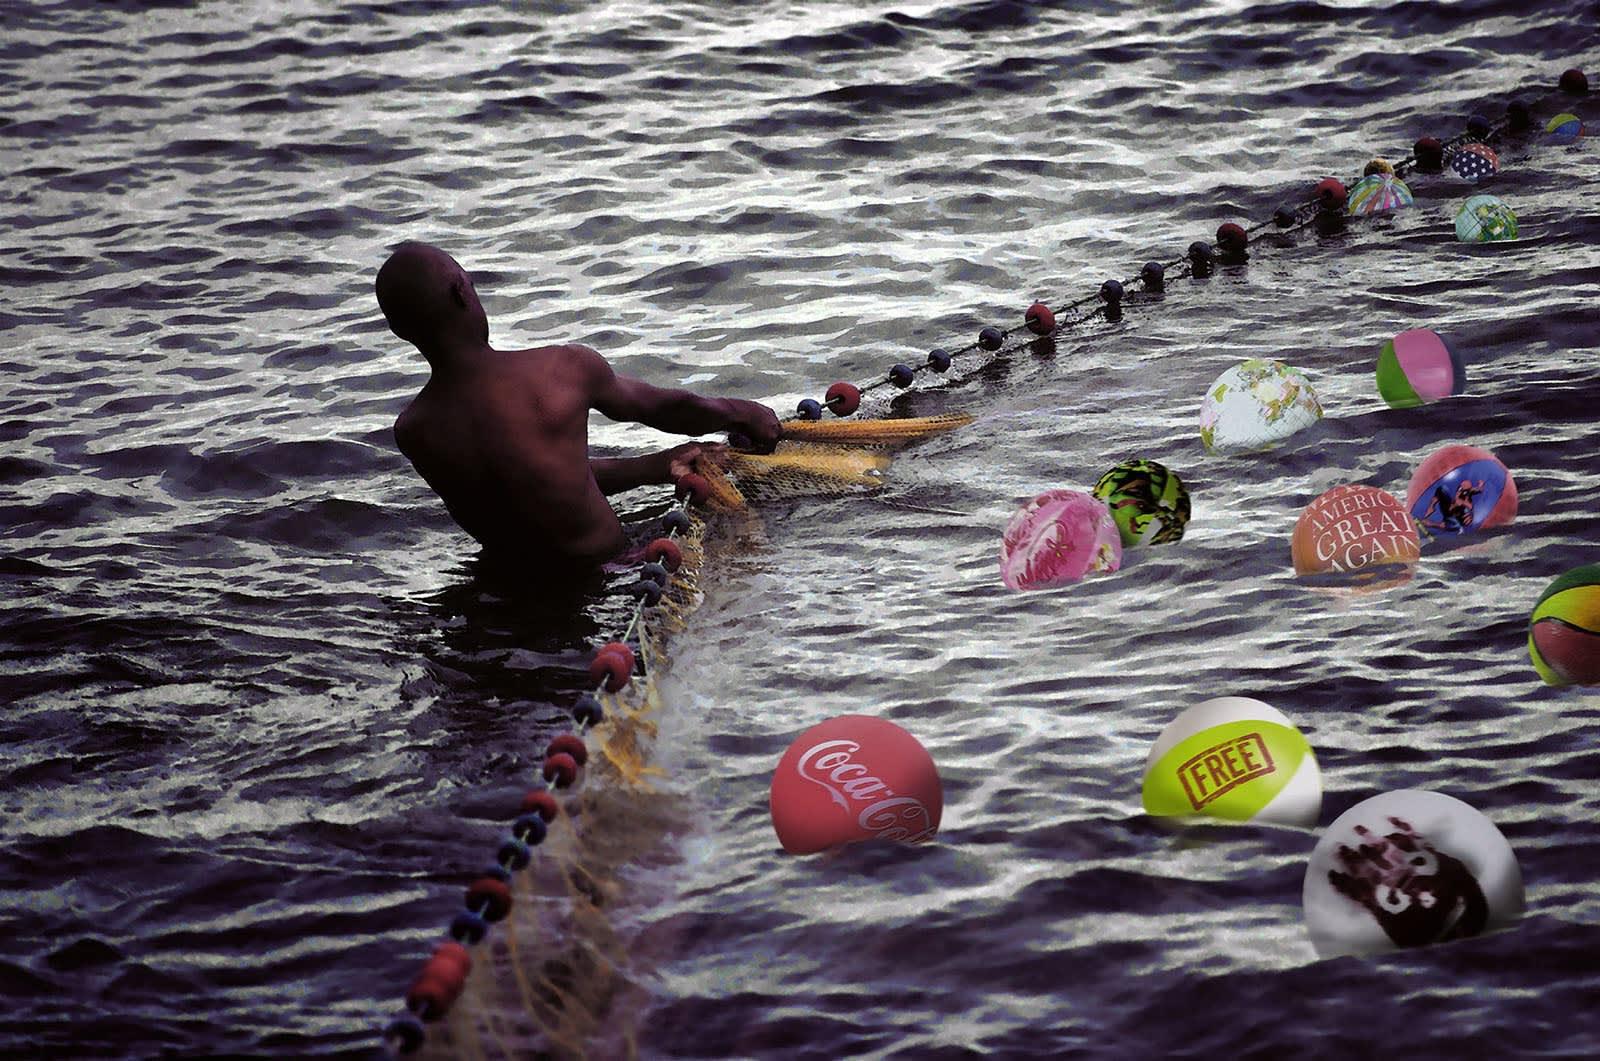 Alain Lacki, Le pêcheur d'illusions, 2009